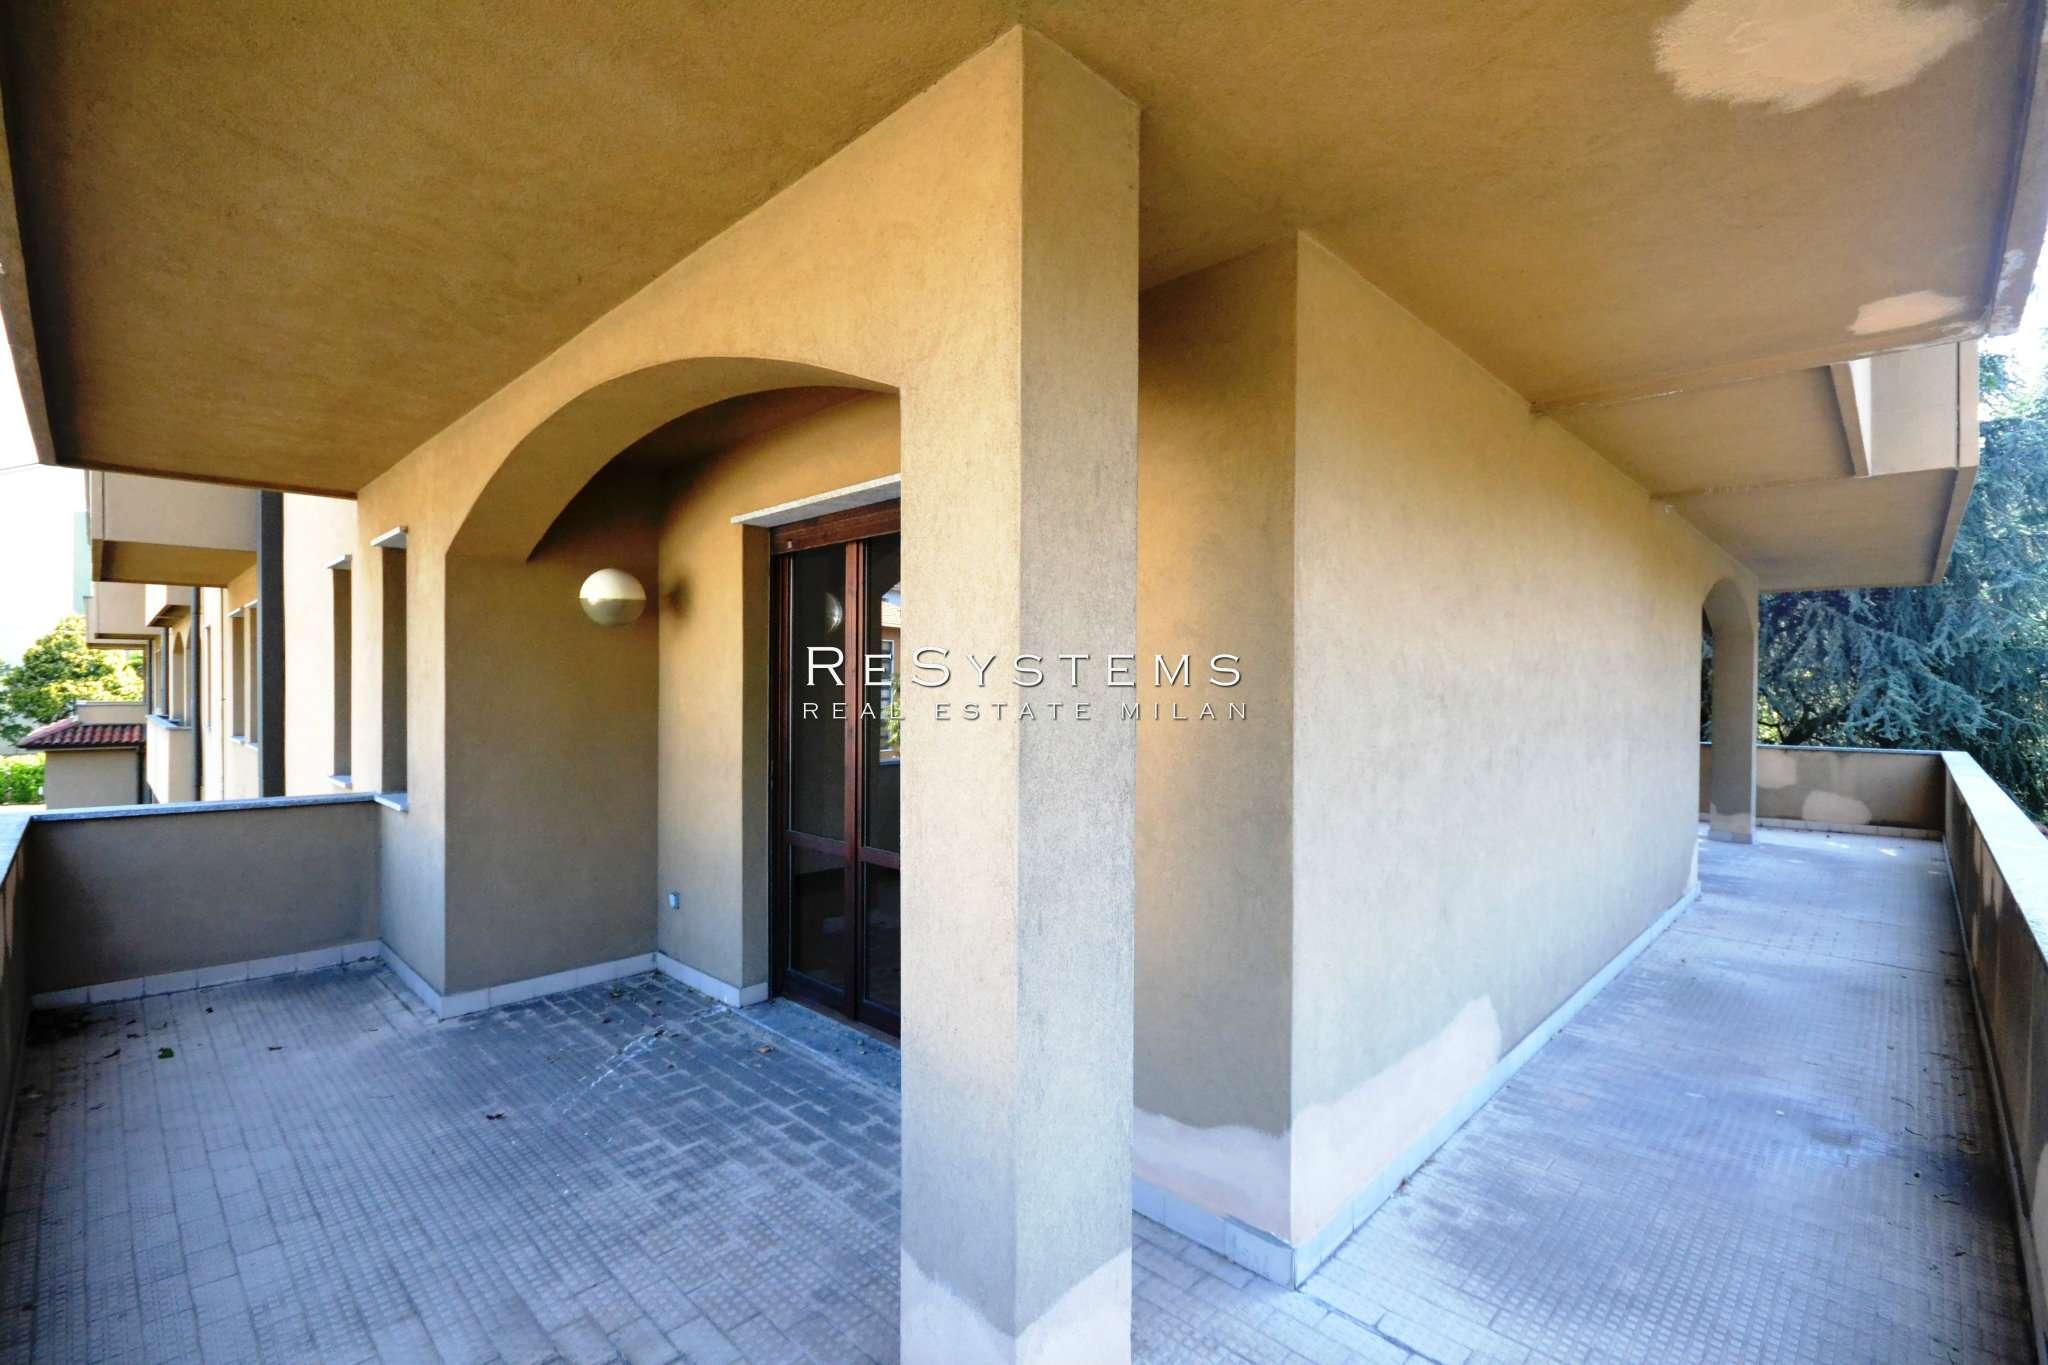 Appartamento in vendita a Legnano, 3 locali, prezzo € 295.000 | PortaleAgenzieImmobiliari.it